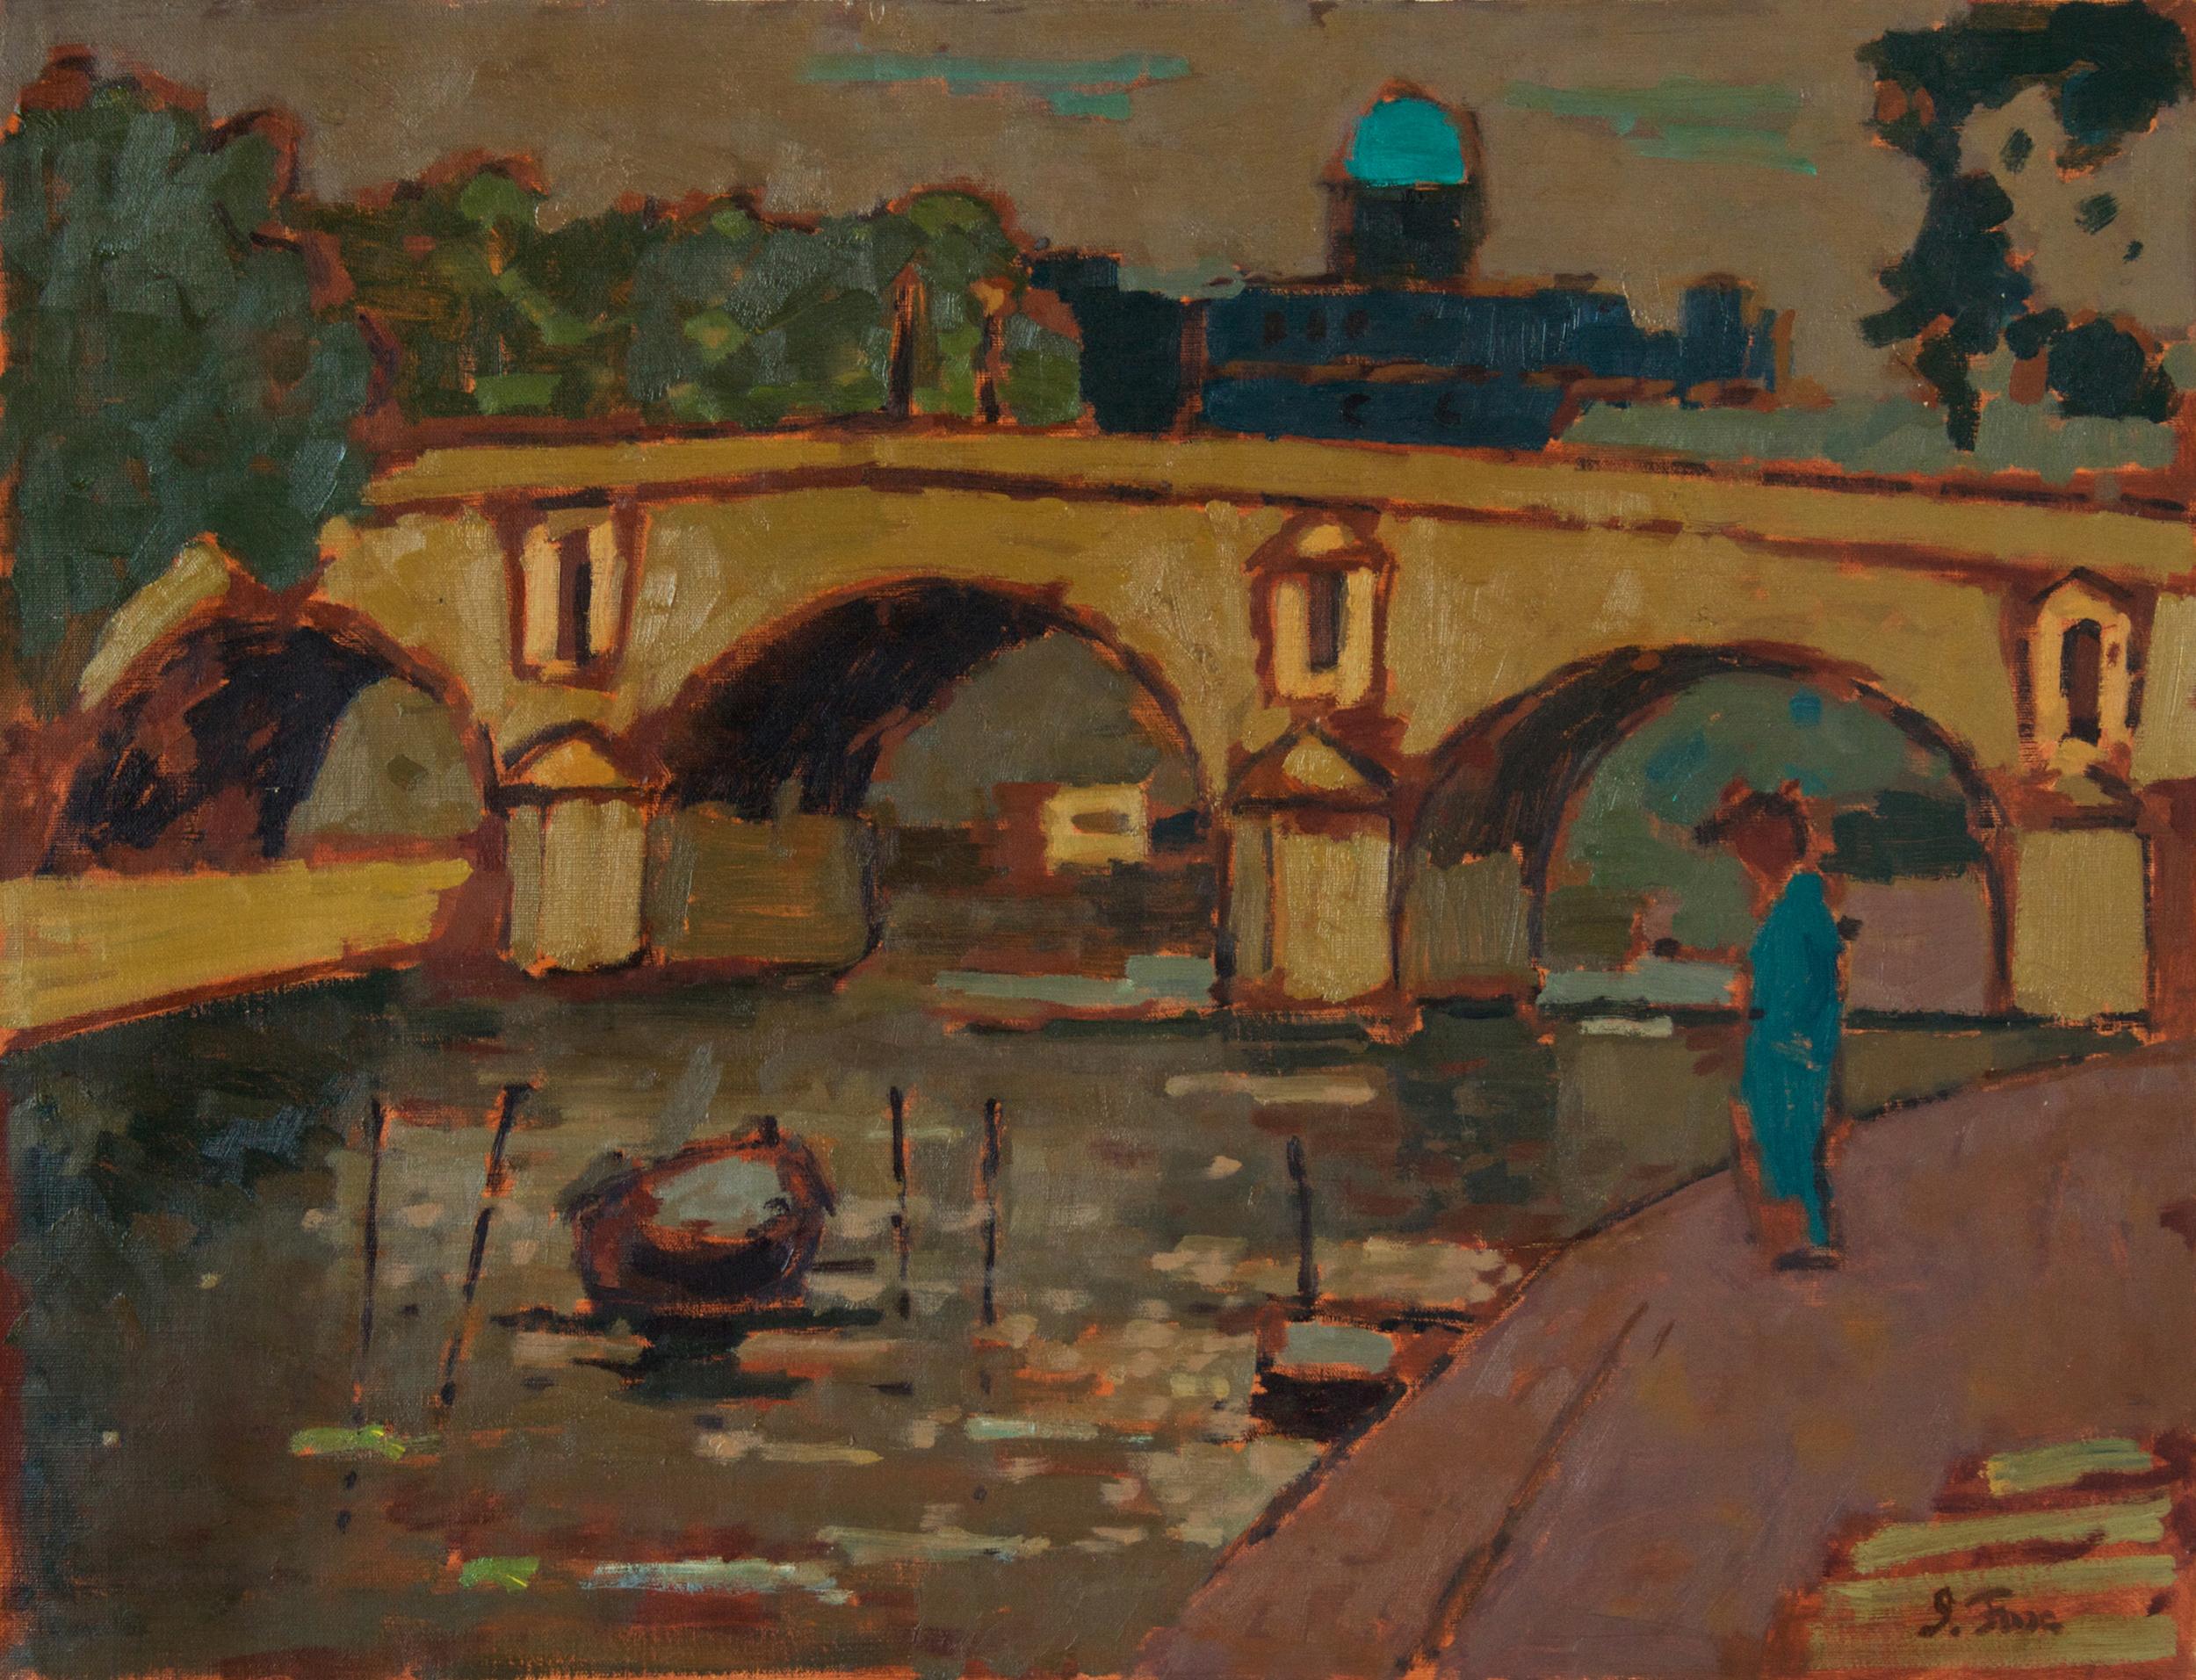 Paris Bridge with Figure